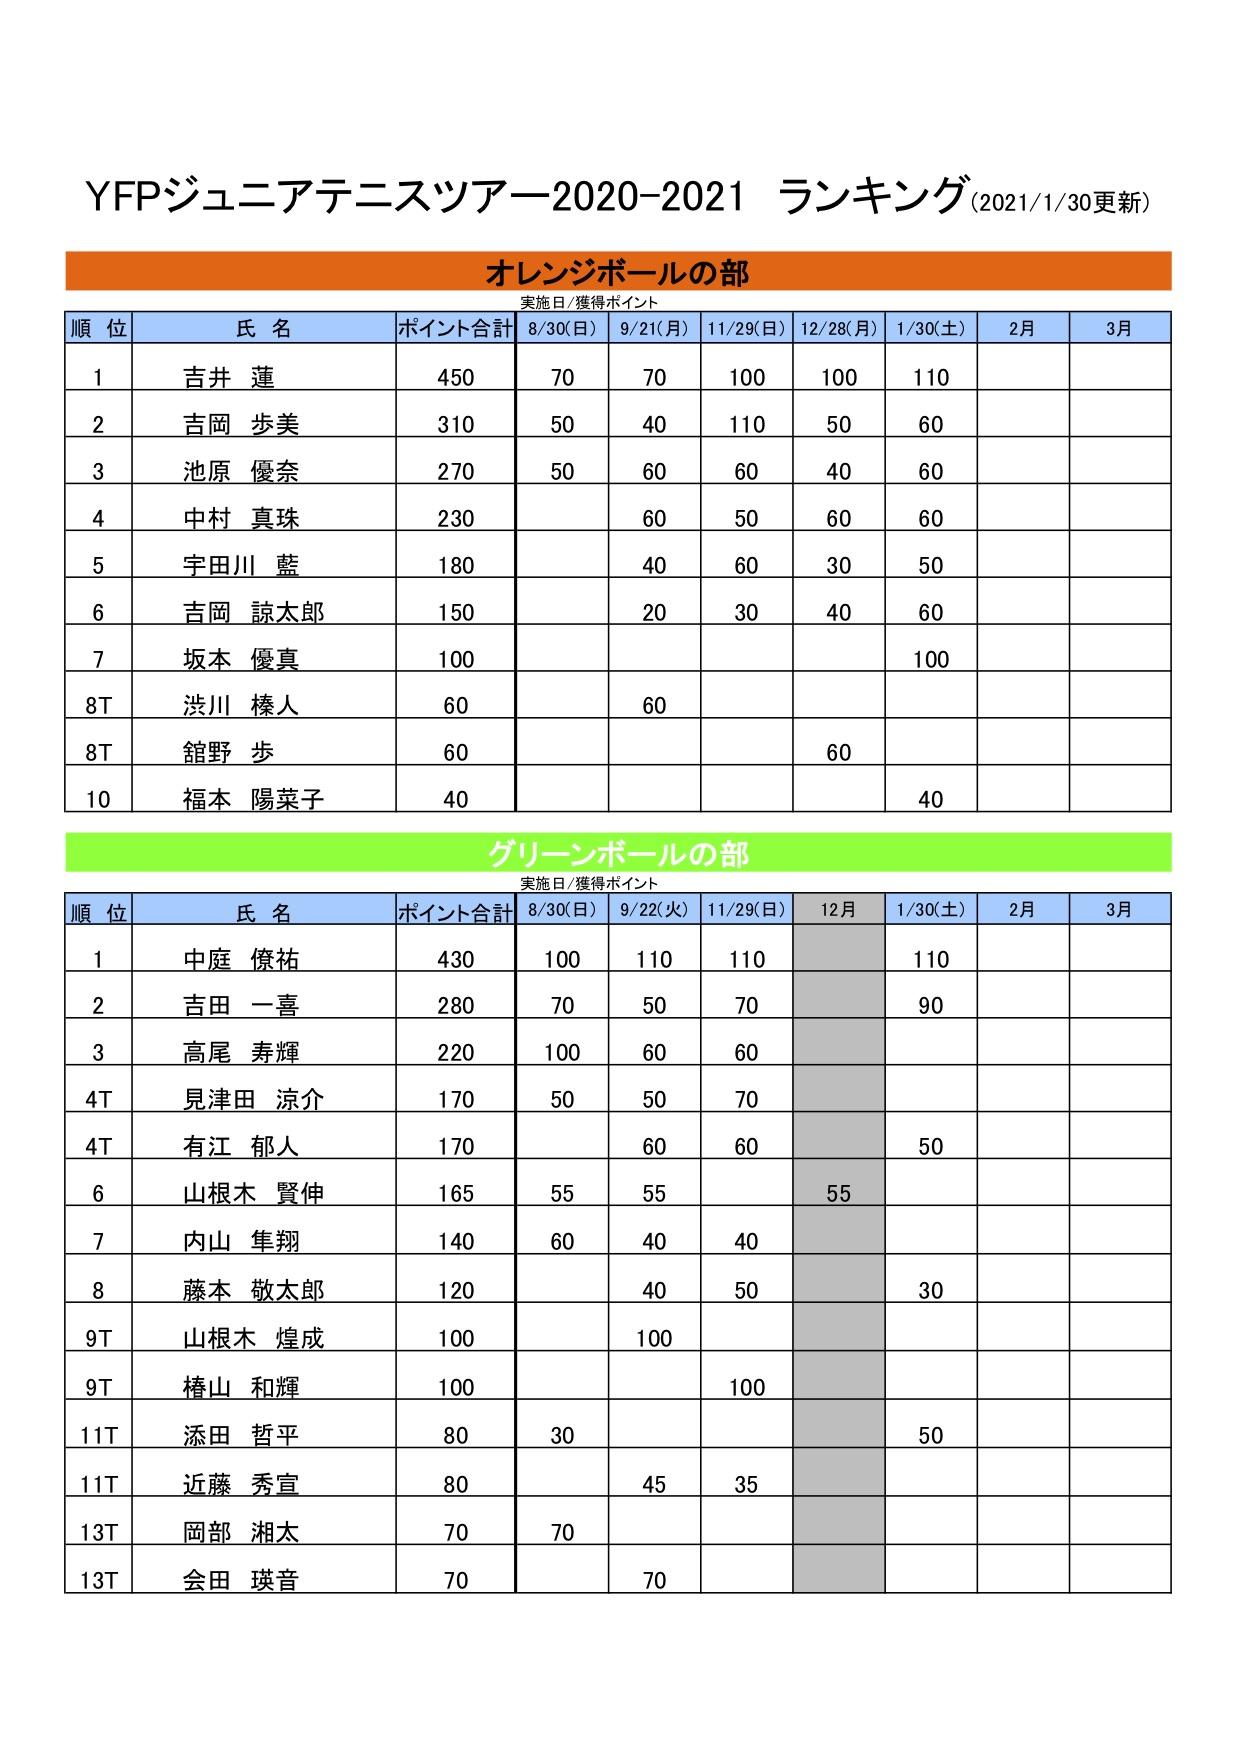 ランキング表(1月30日現在)